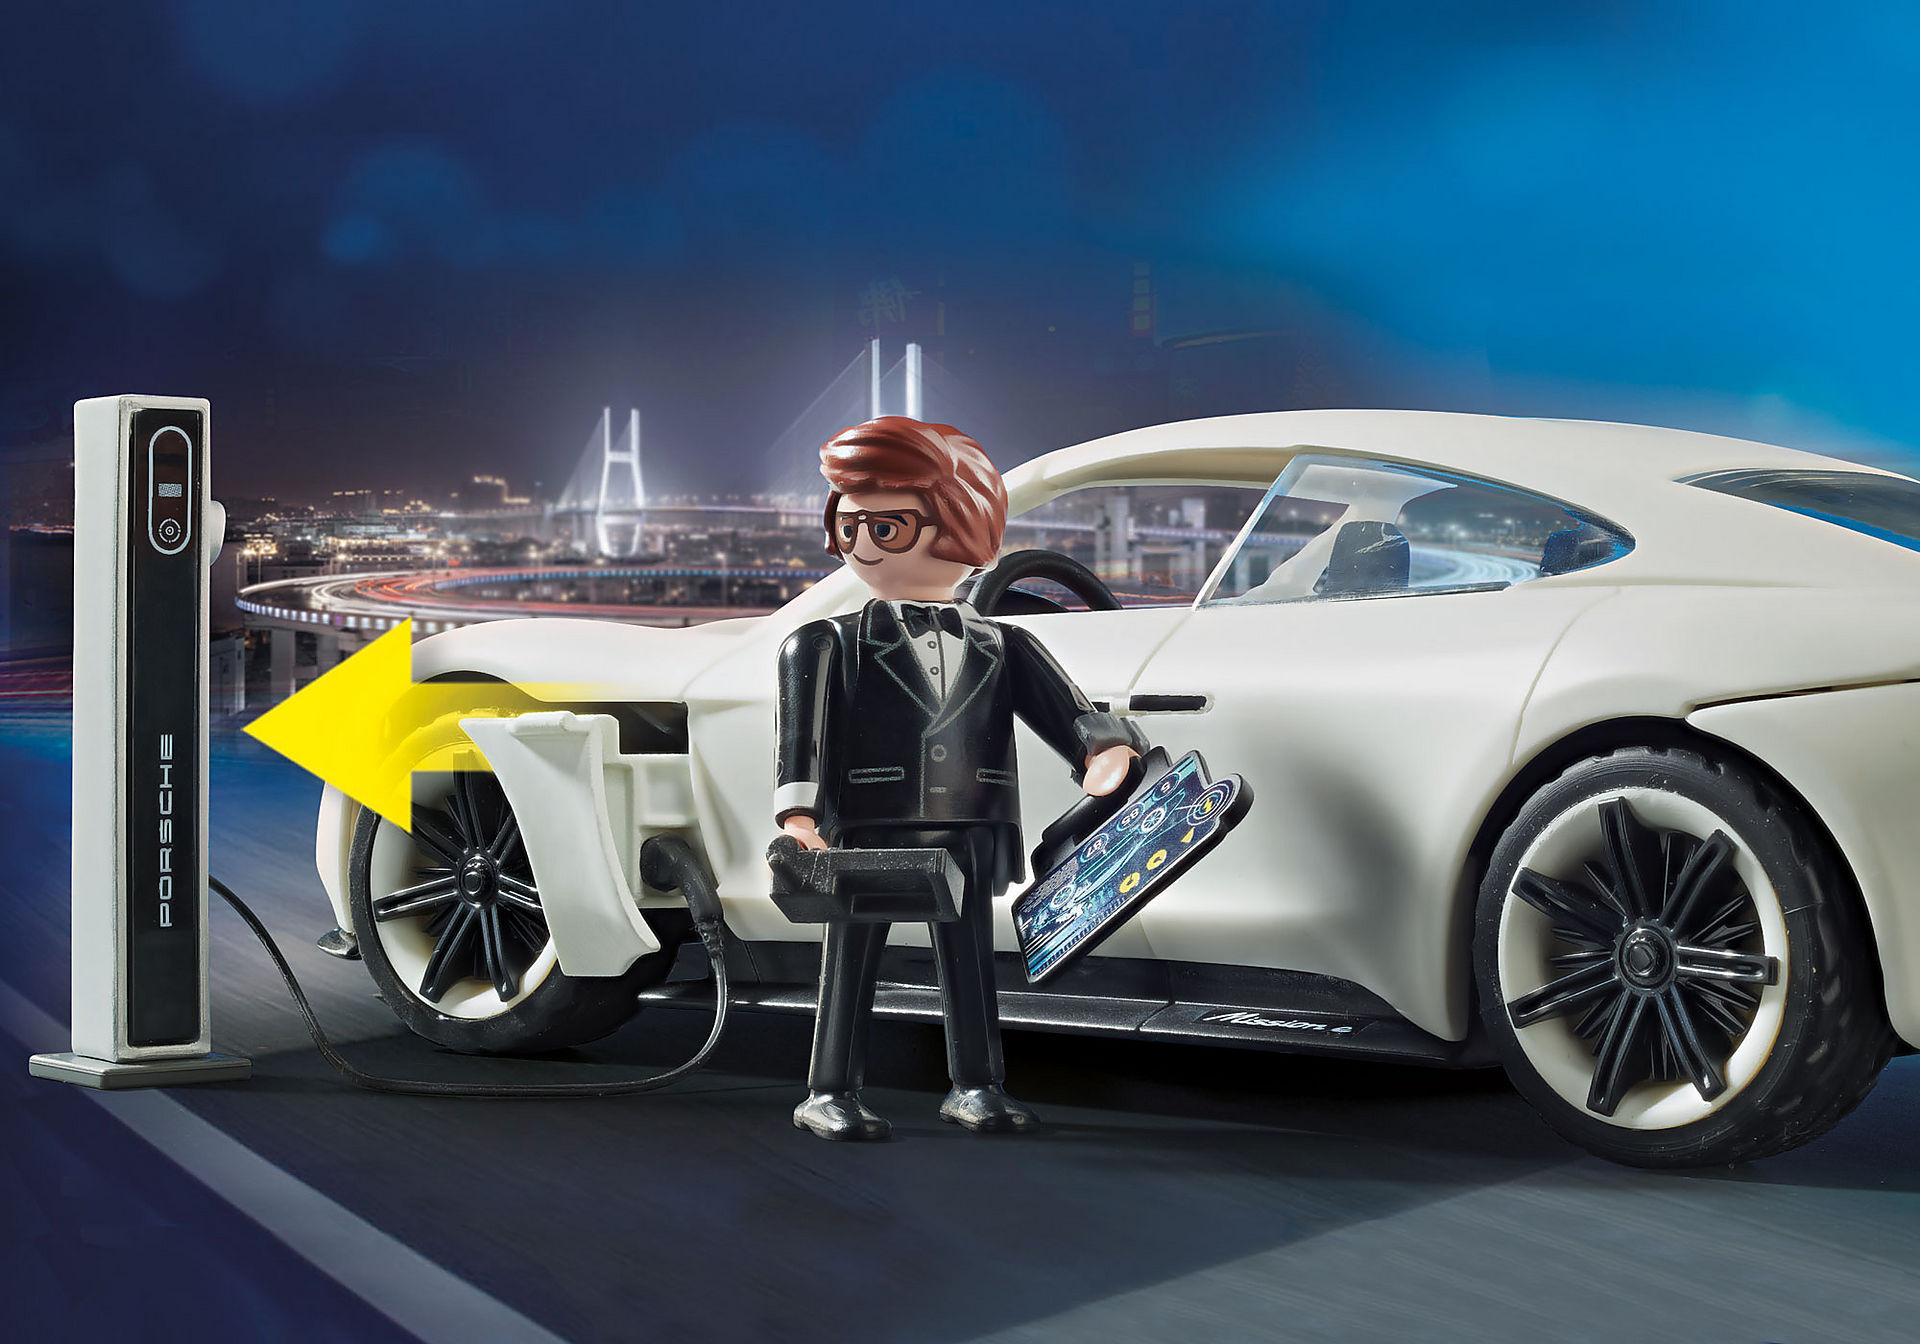 http://media.playmobil.com/i/playmobil/70078_product_extra1/PLAYMOBIL: THE MOVIE Porsche Missão E e Rex Dasher